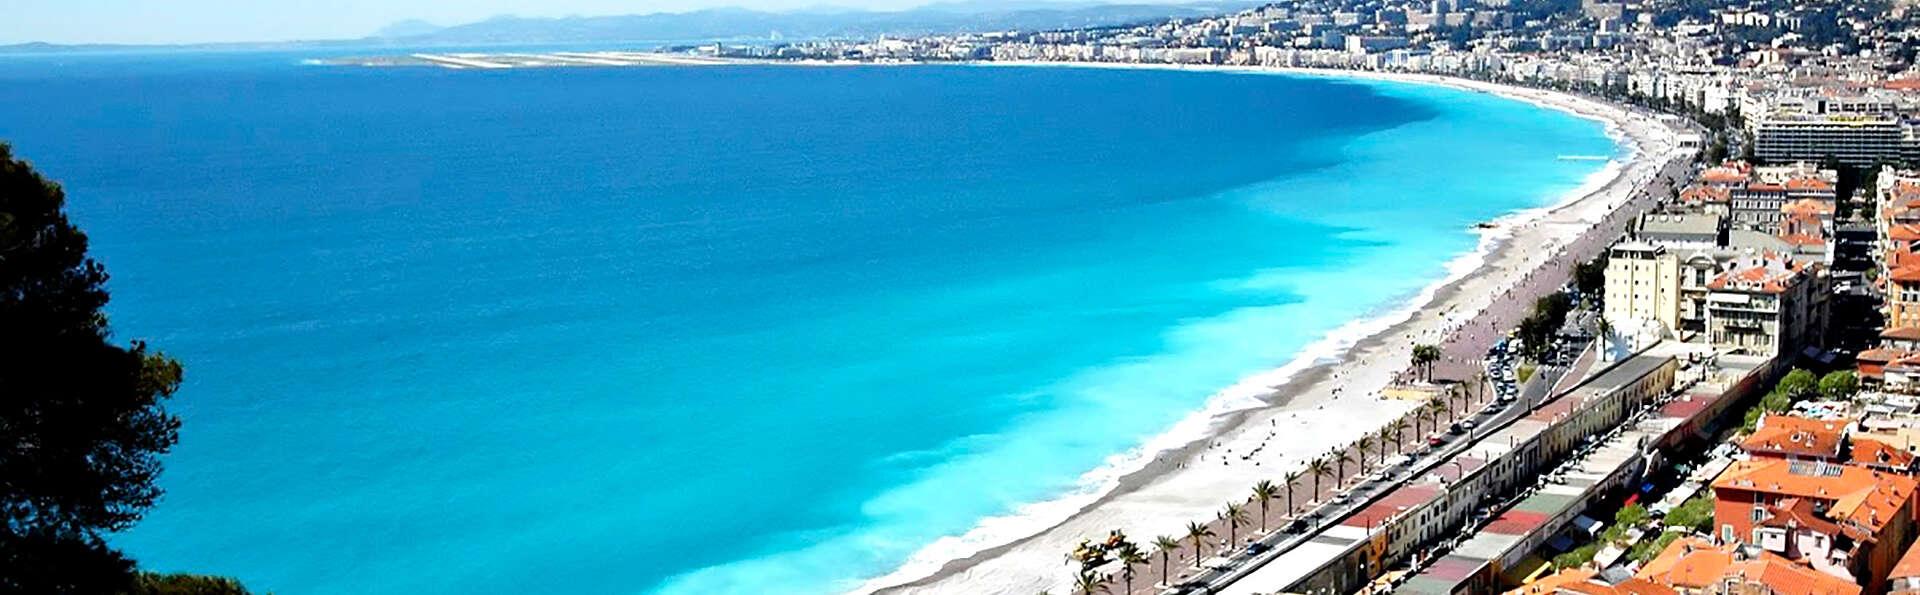 Offre spéciale Toussaint: Séjour en famille à la plage au cœur de Nice (à partir de 2 nuits)